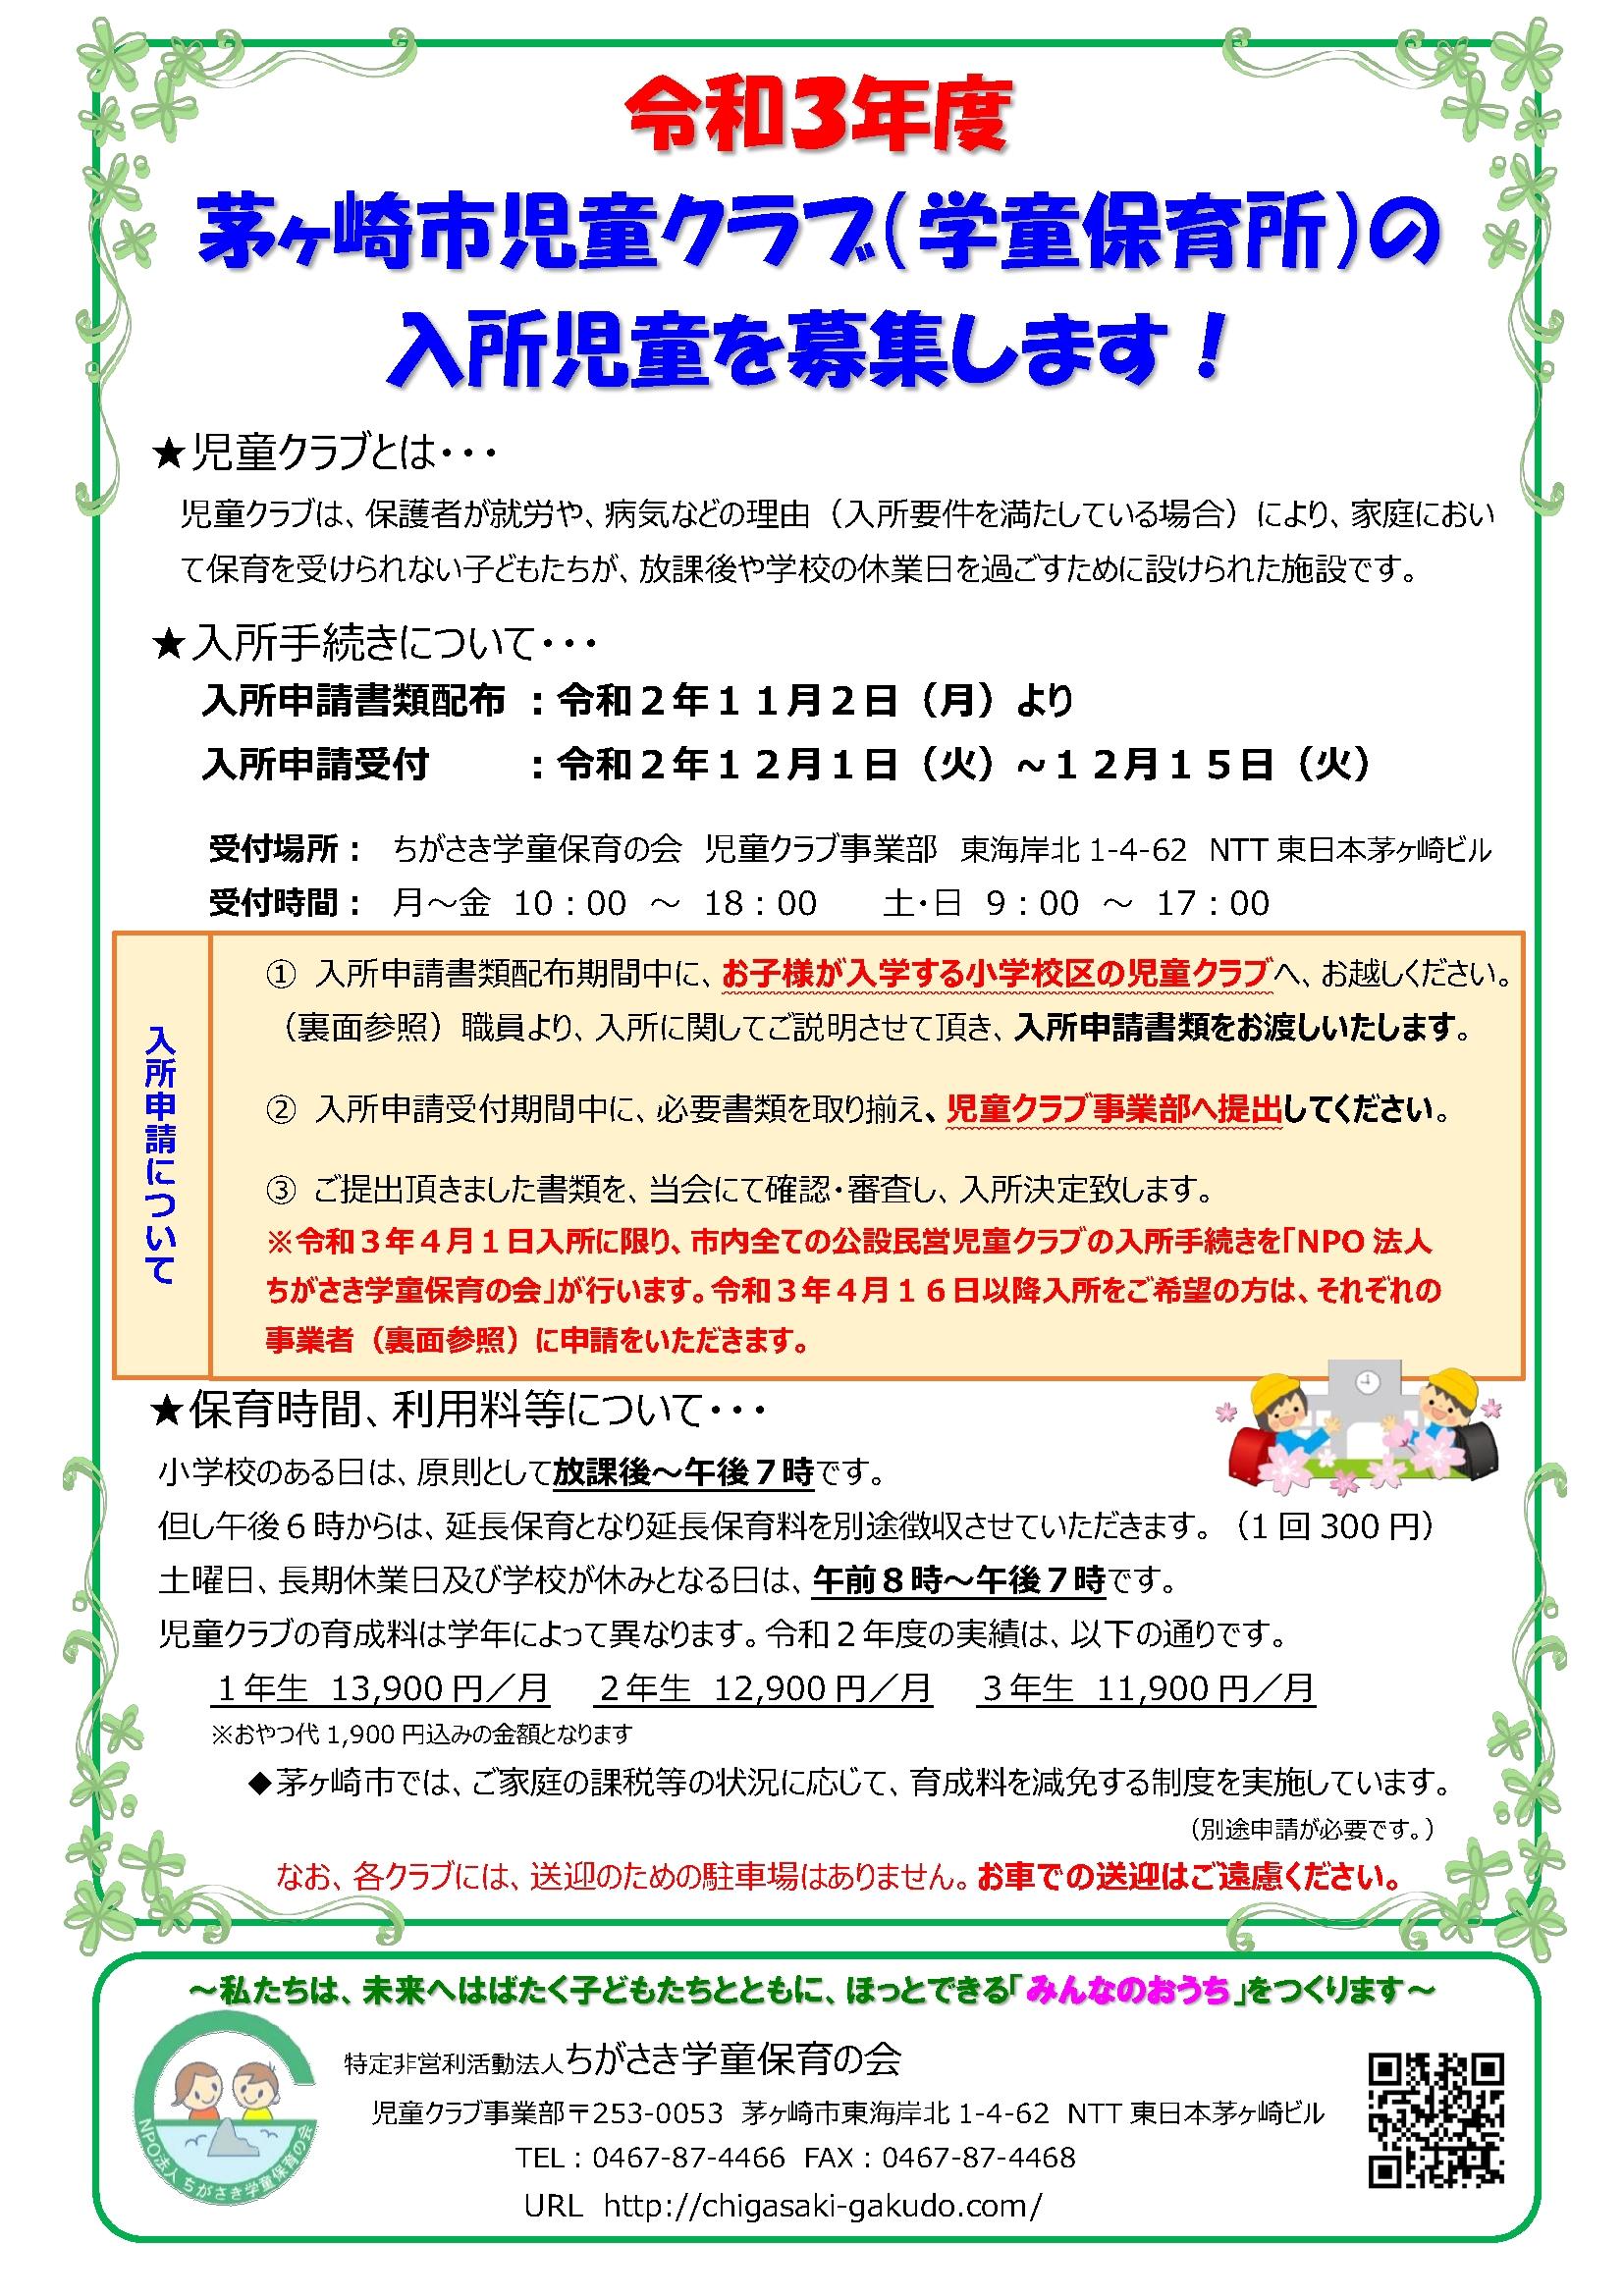 【保育課修正】(案)令和3年度チラシ(健康診断時) Ver.2_1.jpg